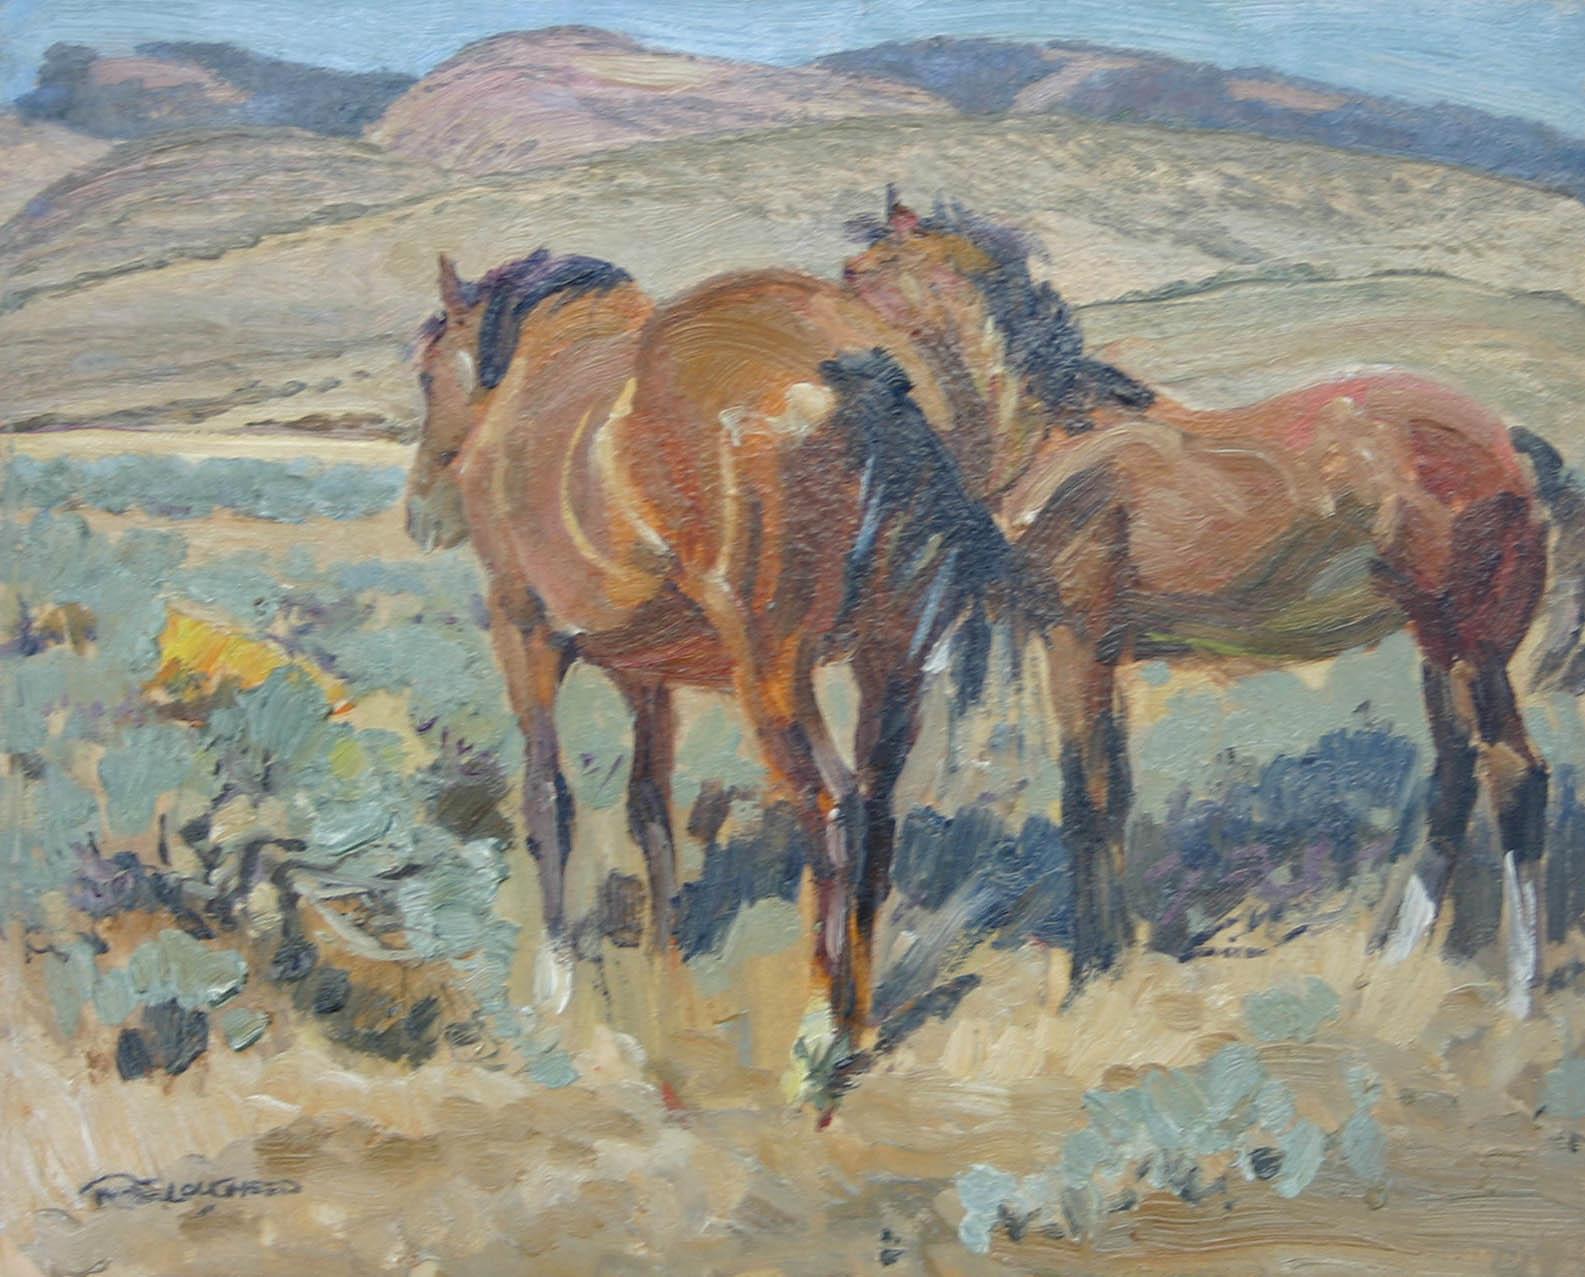 Equine by  Robert Lougheed - Masterpiece Online